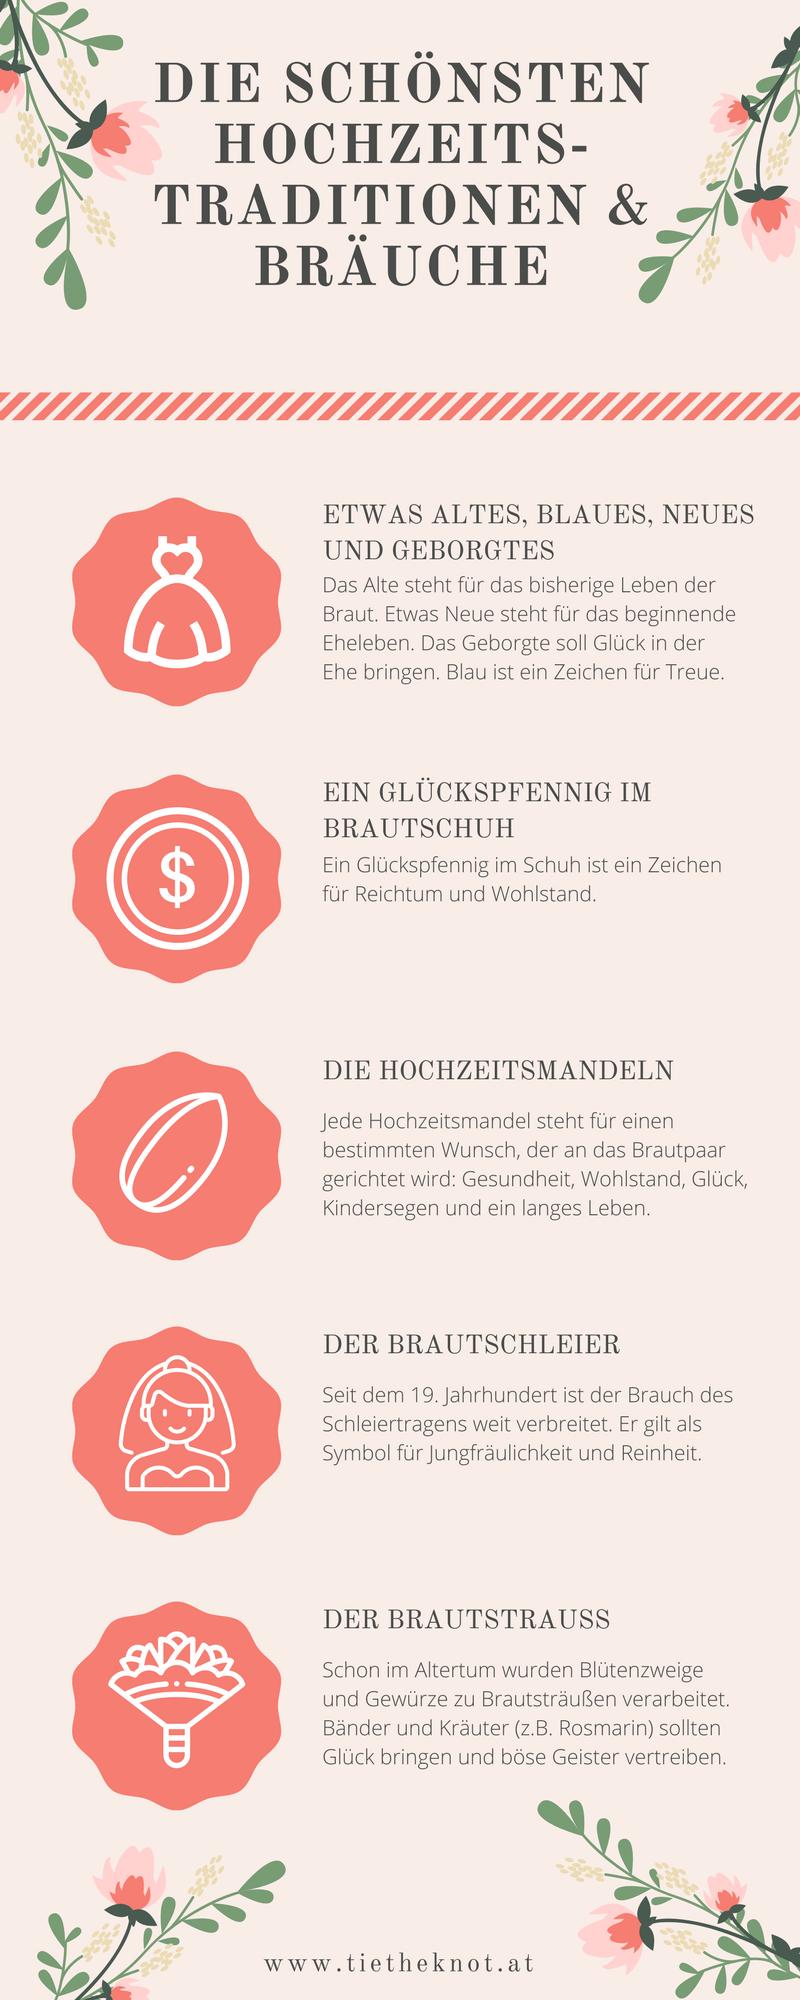 Hochzeitsbräuche in Österreich Die wichtigsten Traditionen ...